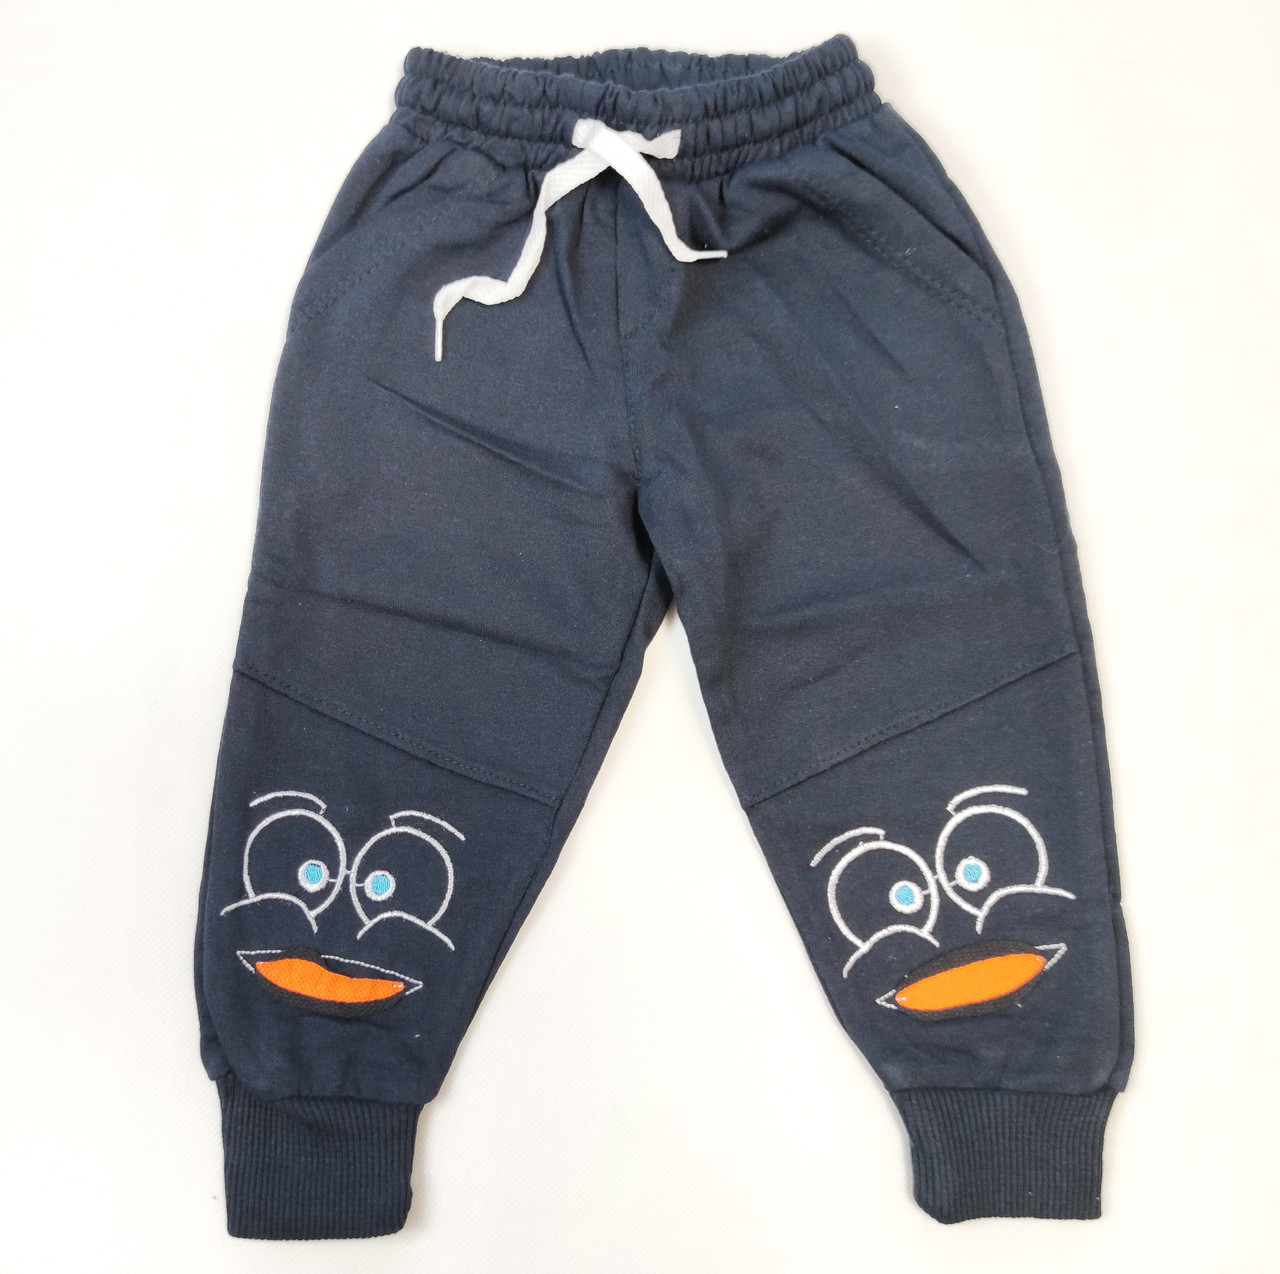 Детские штаны хлопковые для мальчика 4 года 104р синие